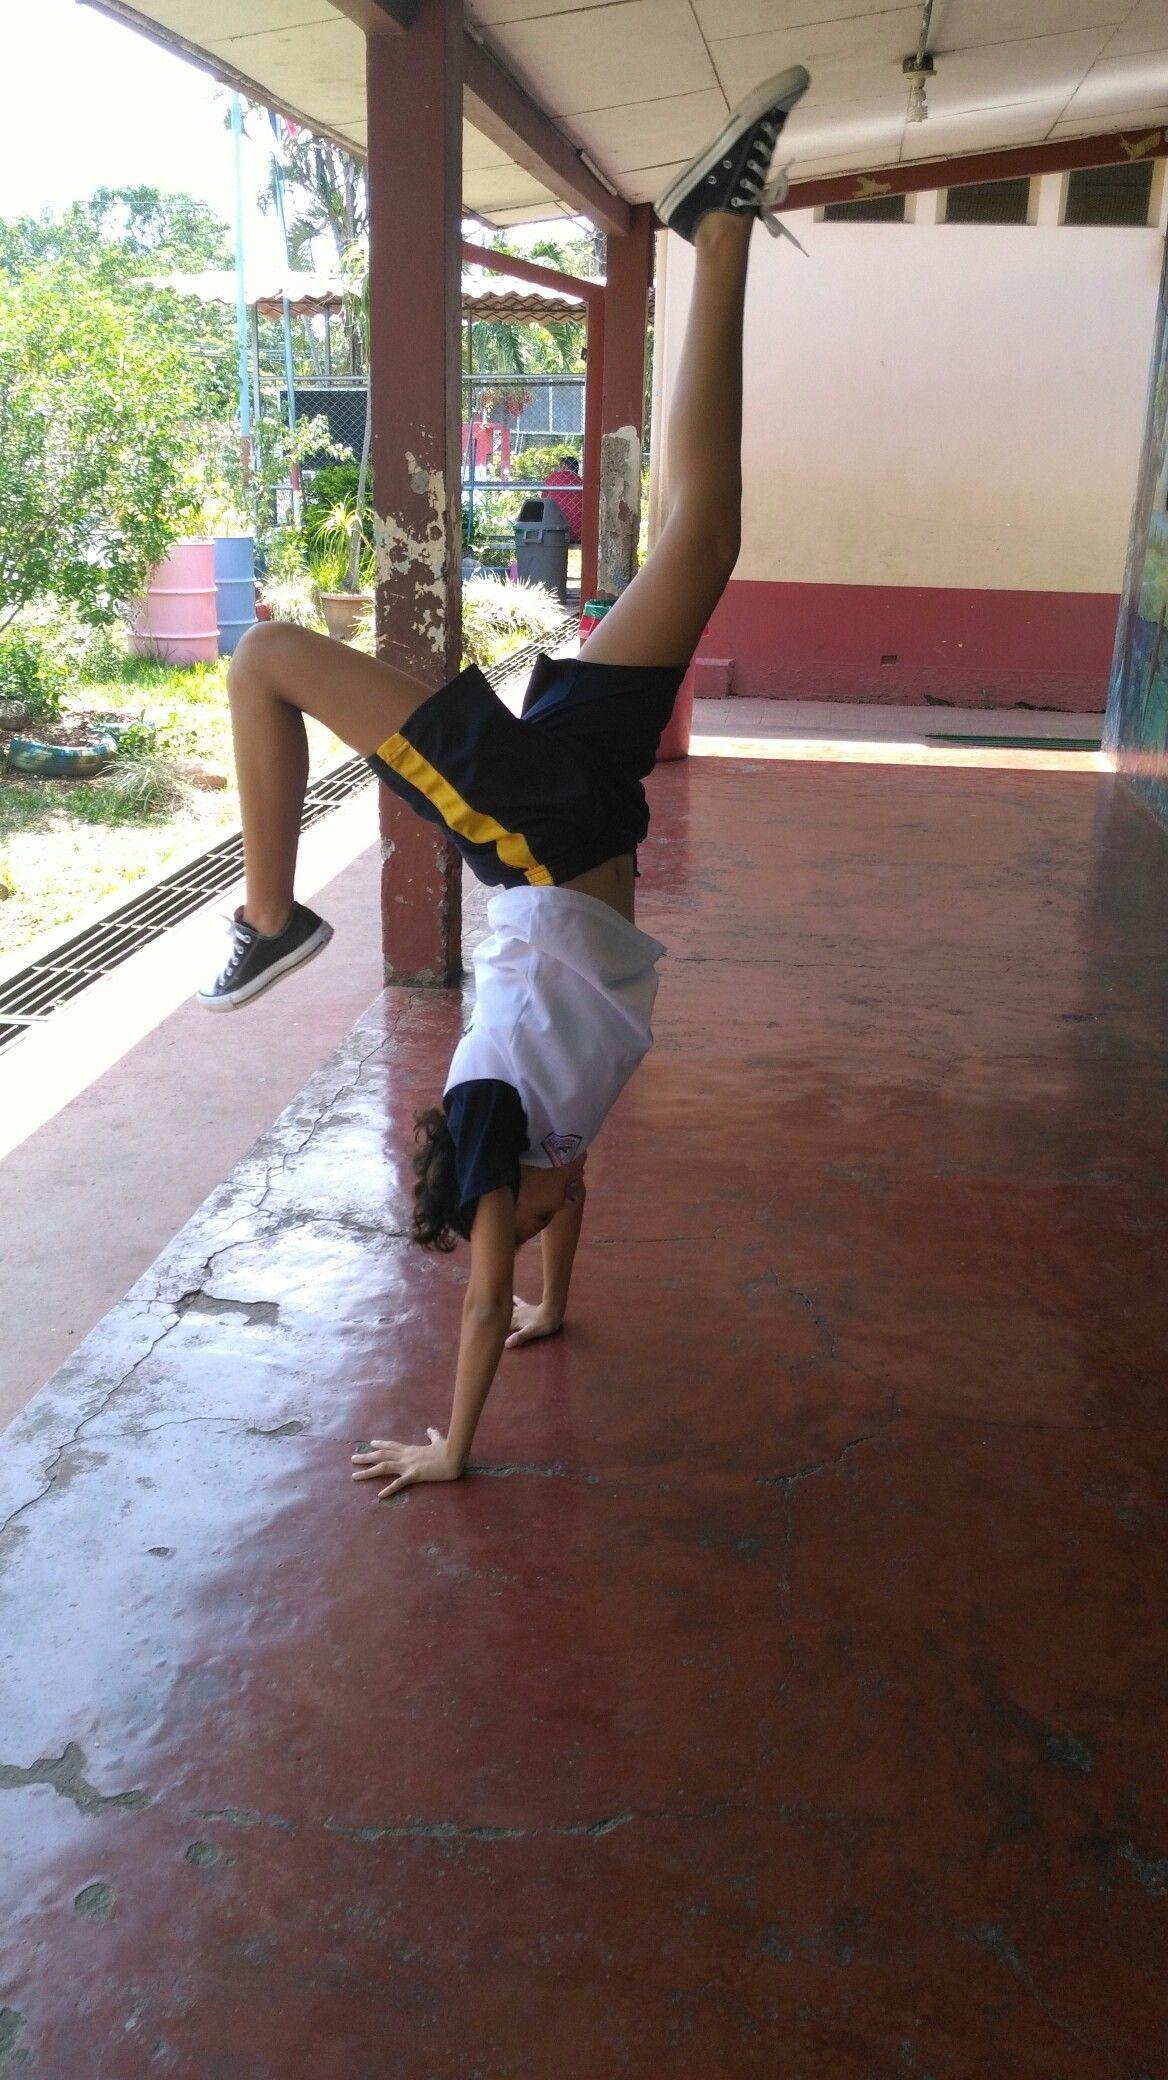 La gimnasia es mi pasión